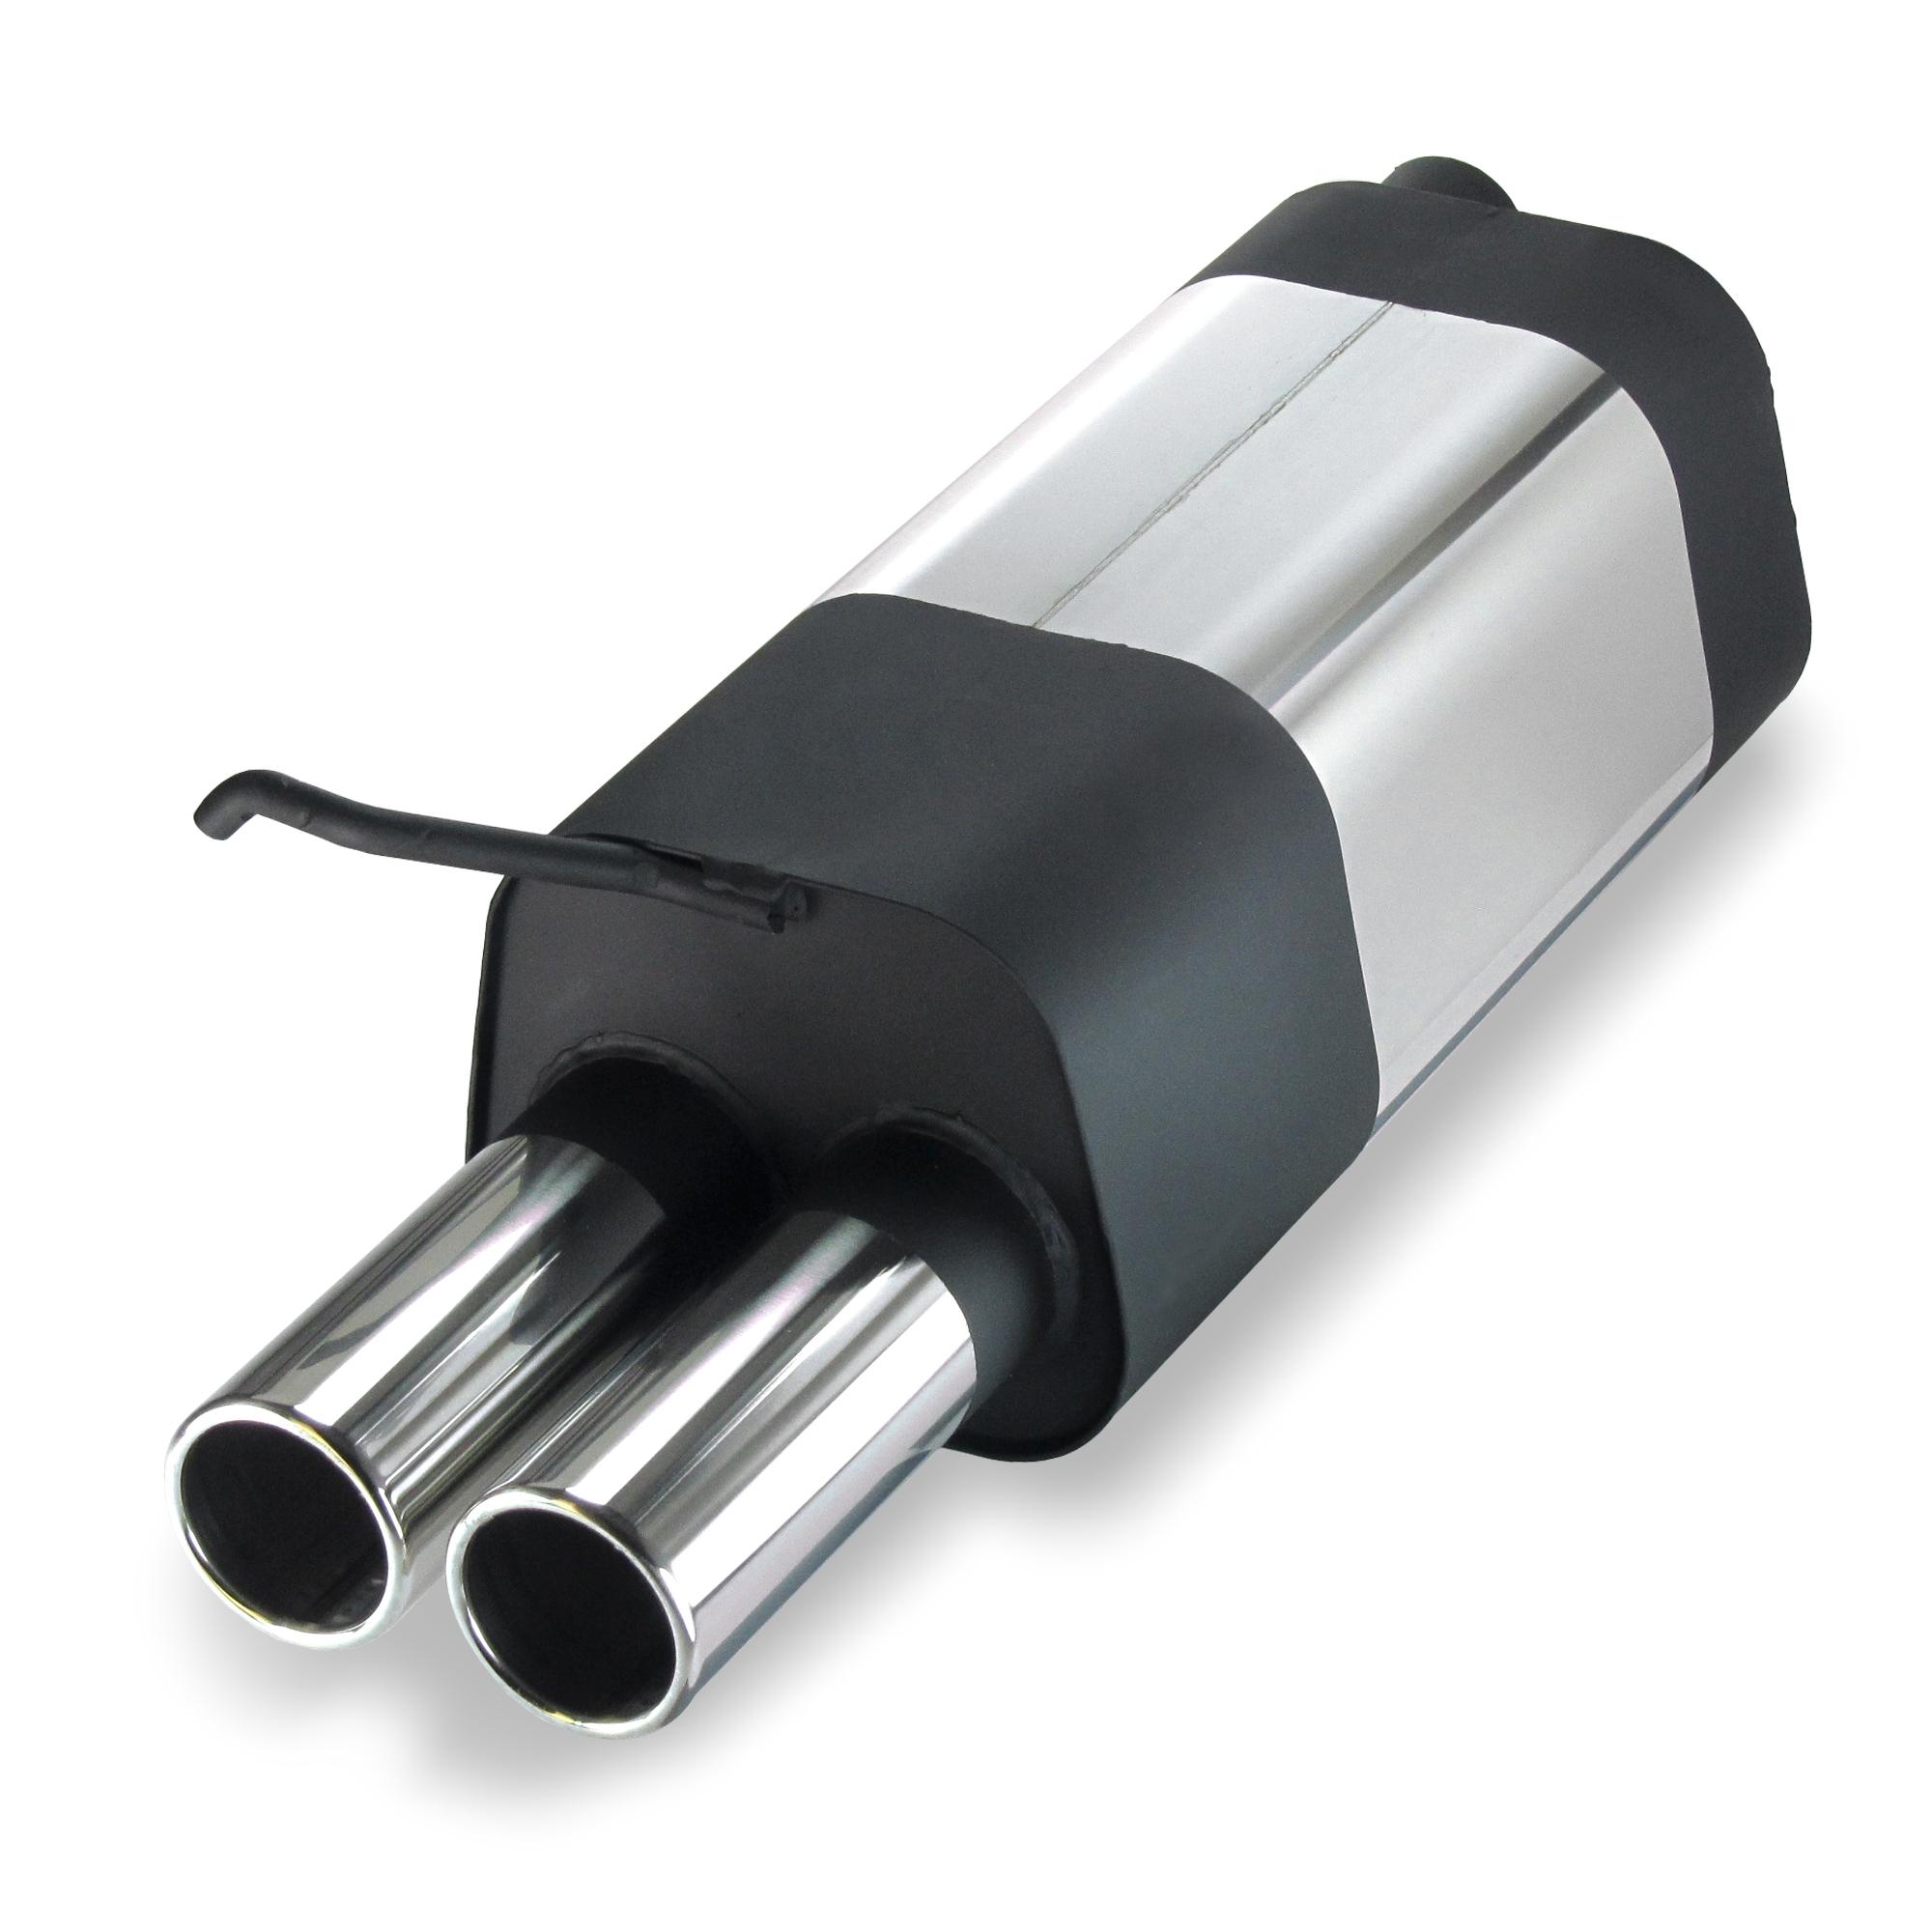 JOM Bagpotte rustfri stål med 2x76 mm lige afgange. Til VW Golf 41J Udvendig tilbehør > Udstødning